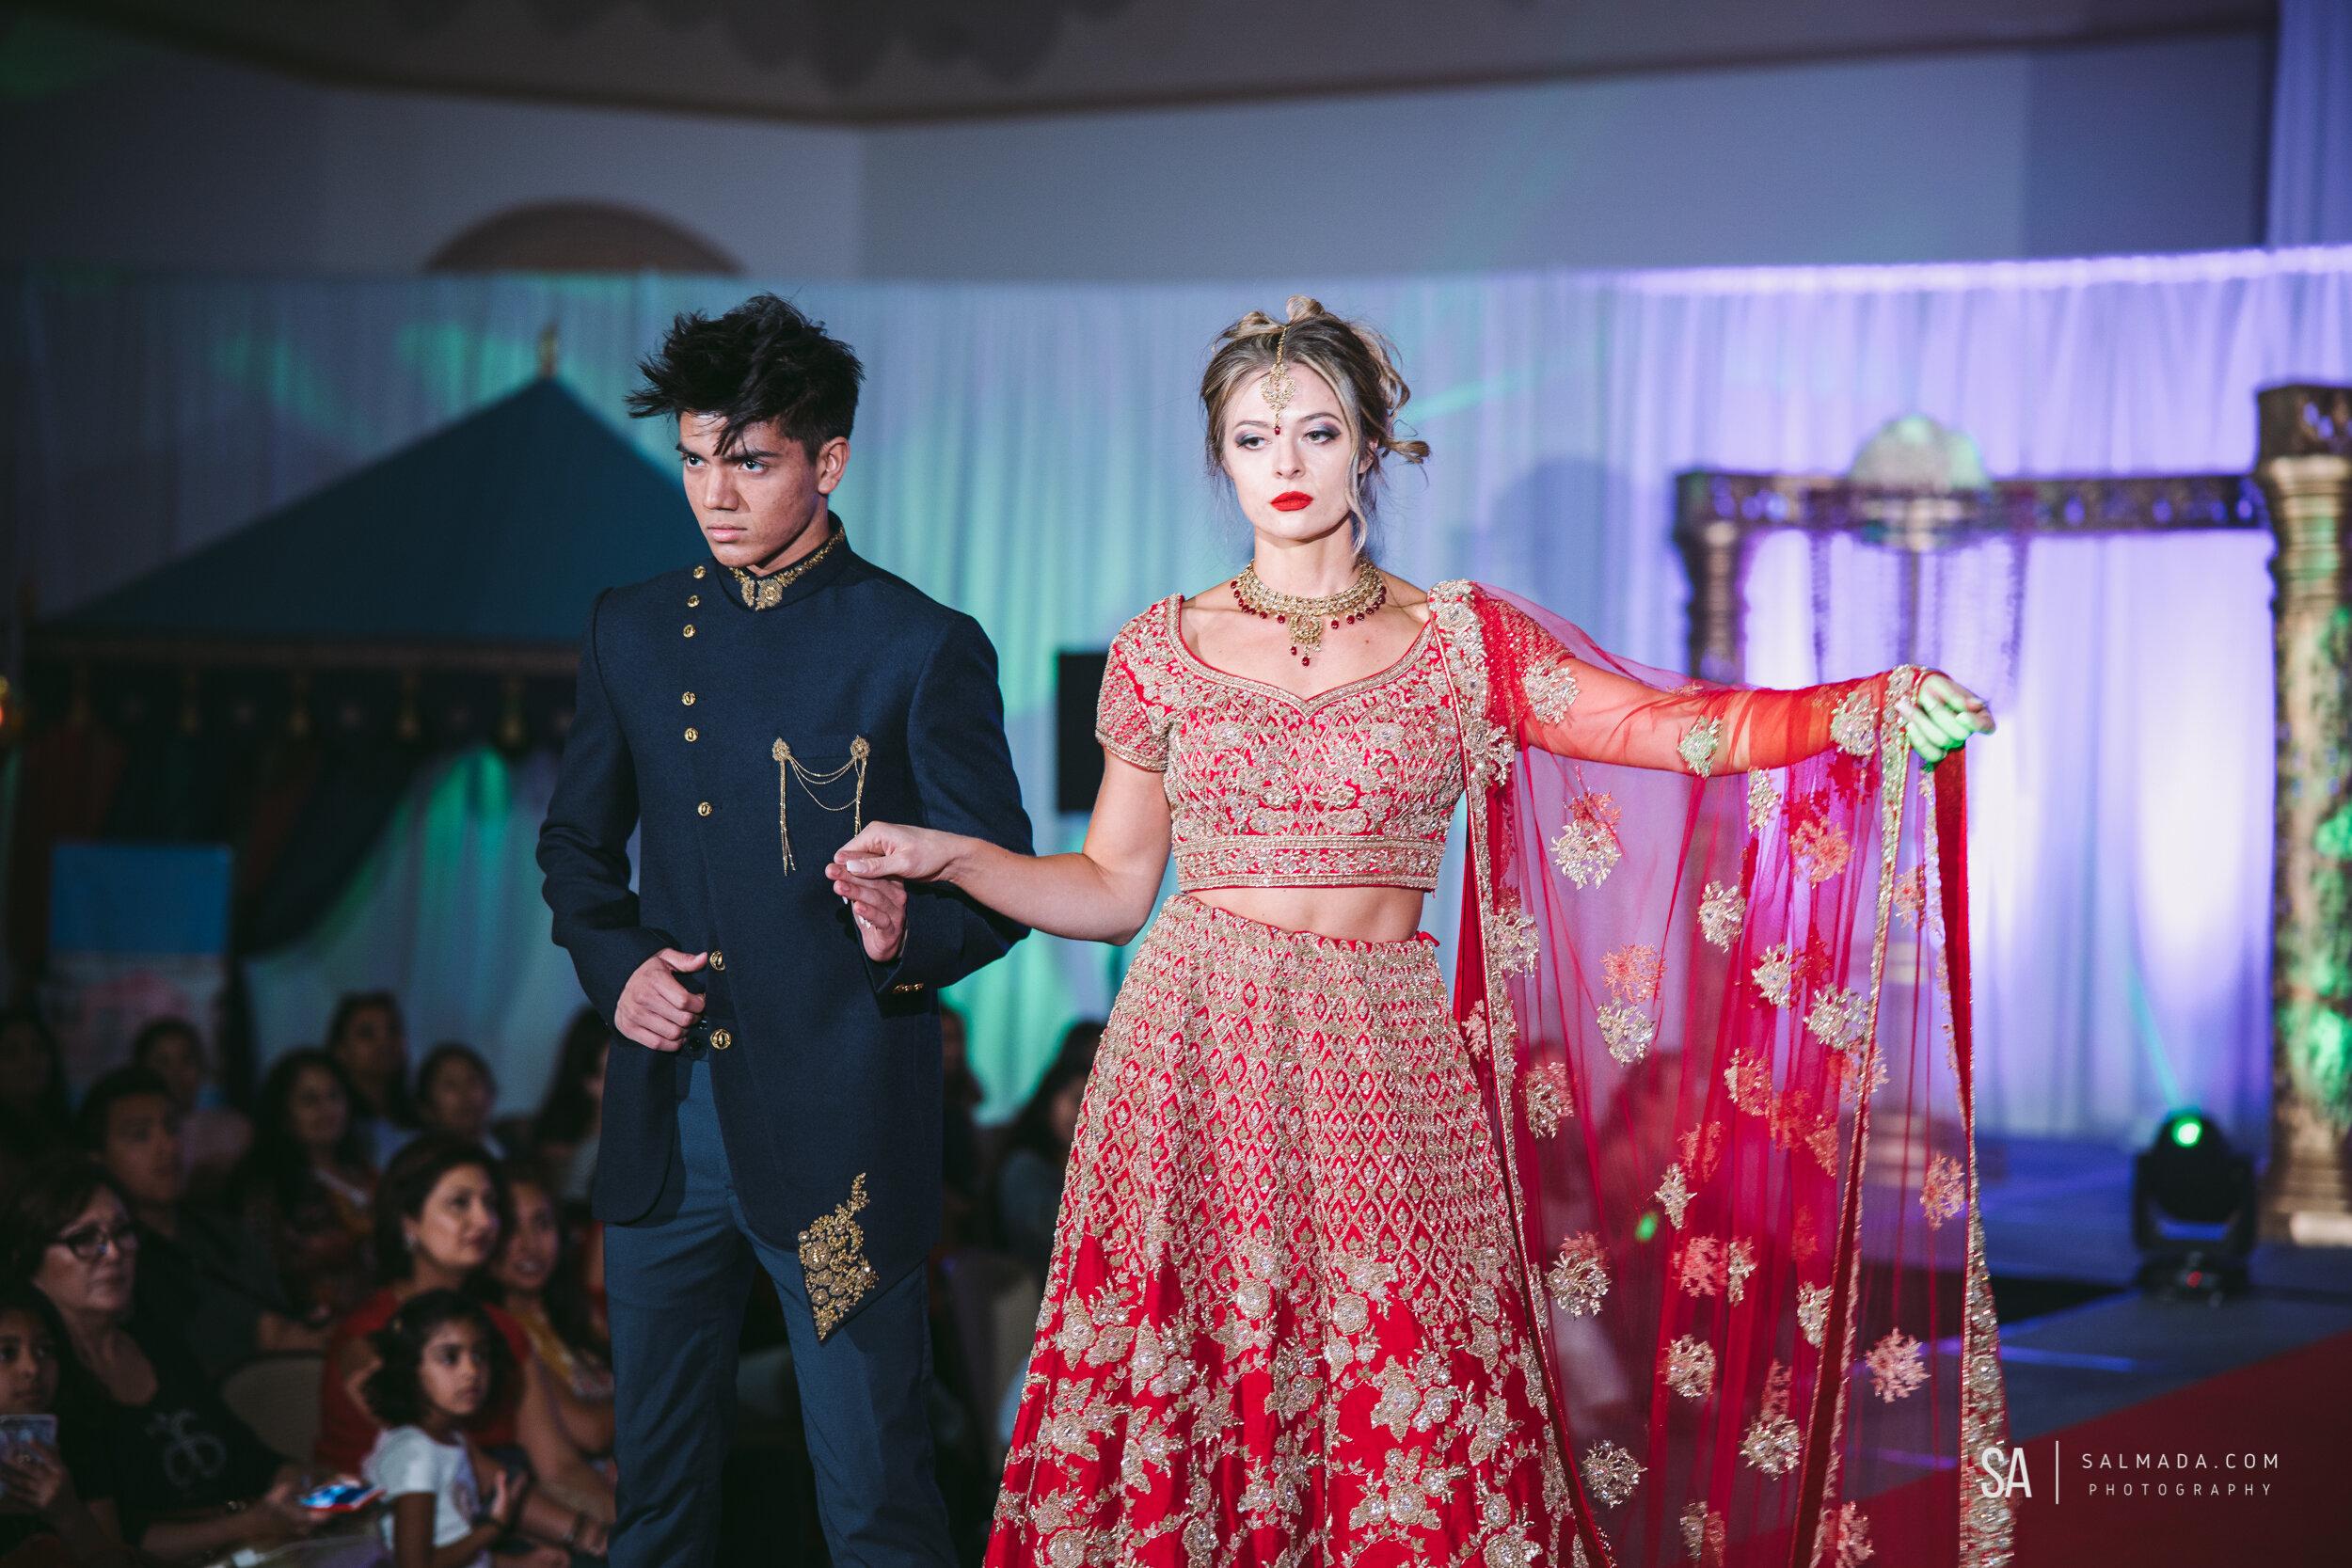 Santiago Almada Wedding Photographer.jpg